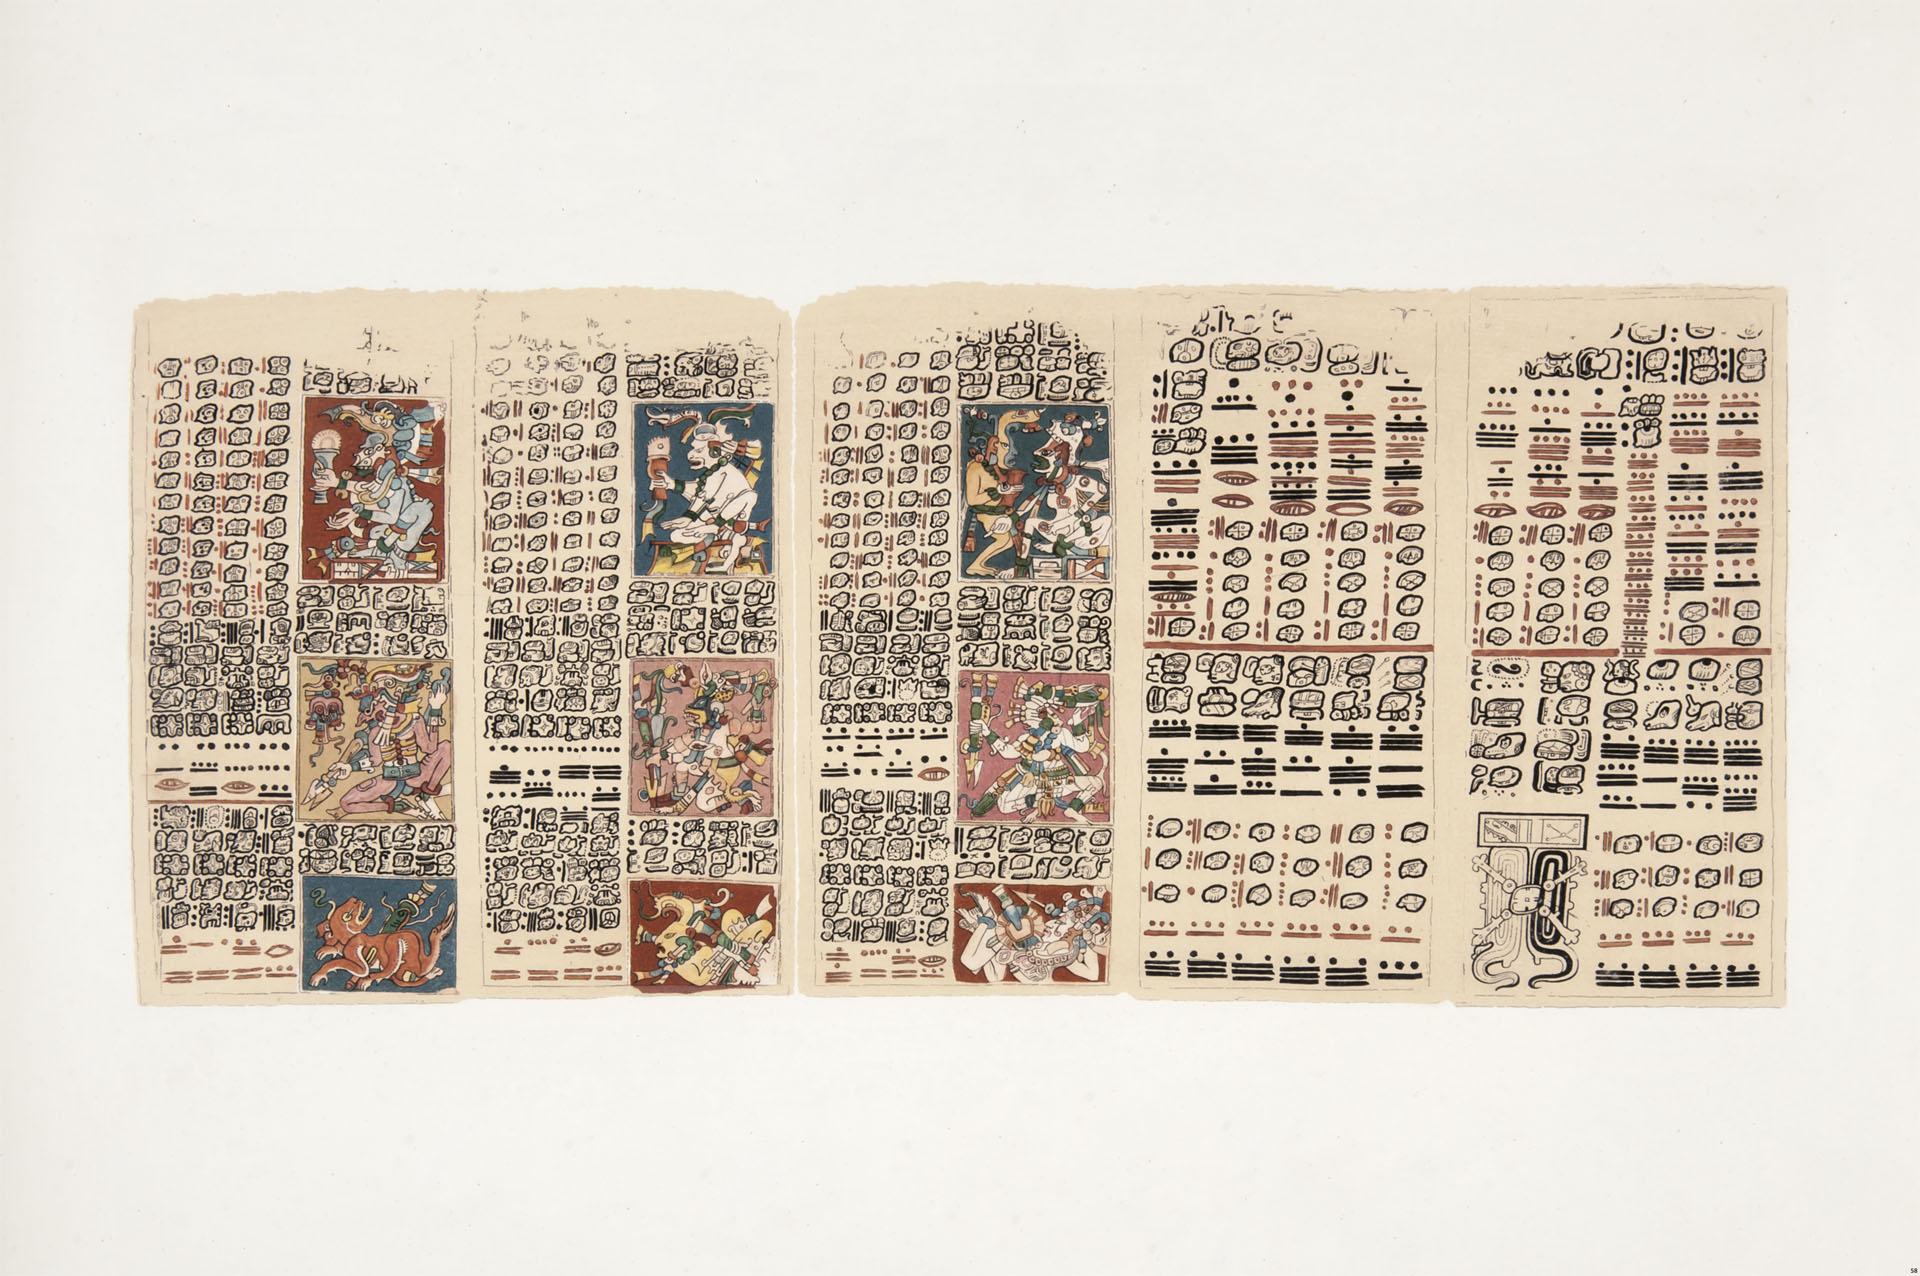 Fragmento de un manuscrito jeroglífico conservado en la Biblioteca Real de Dresde